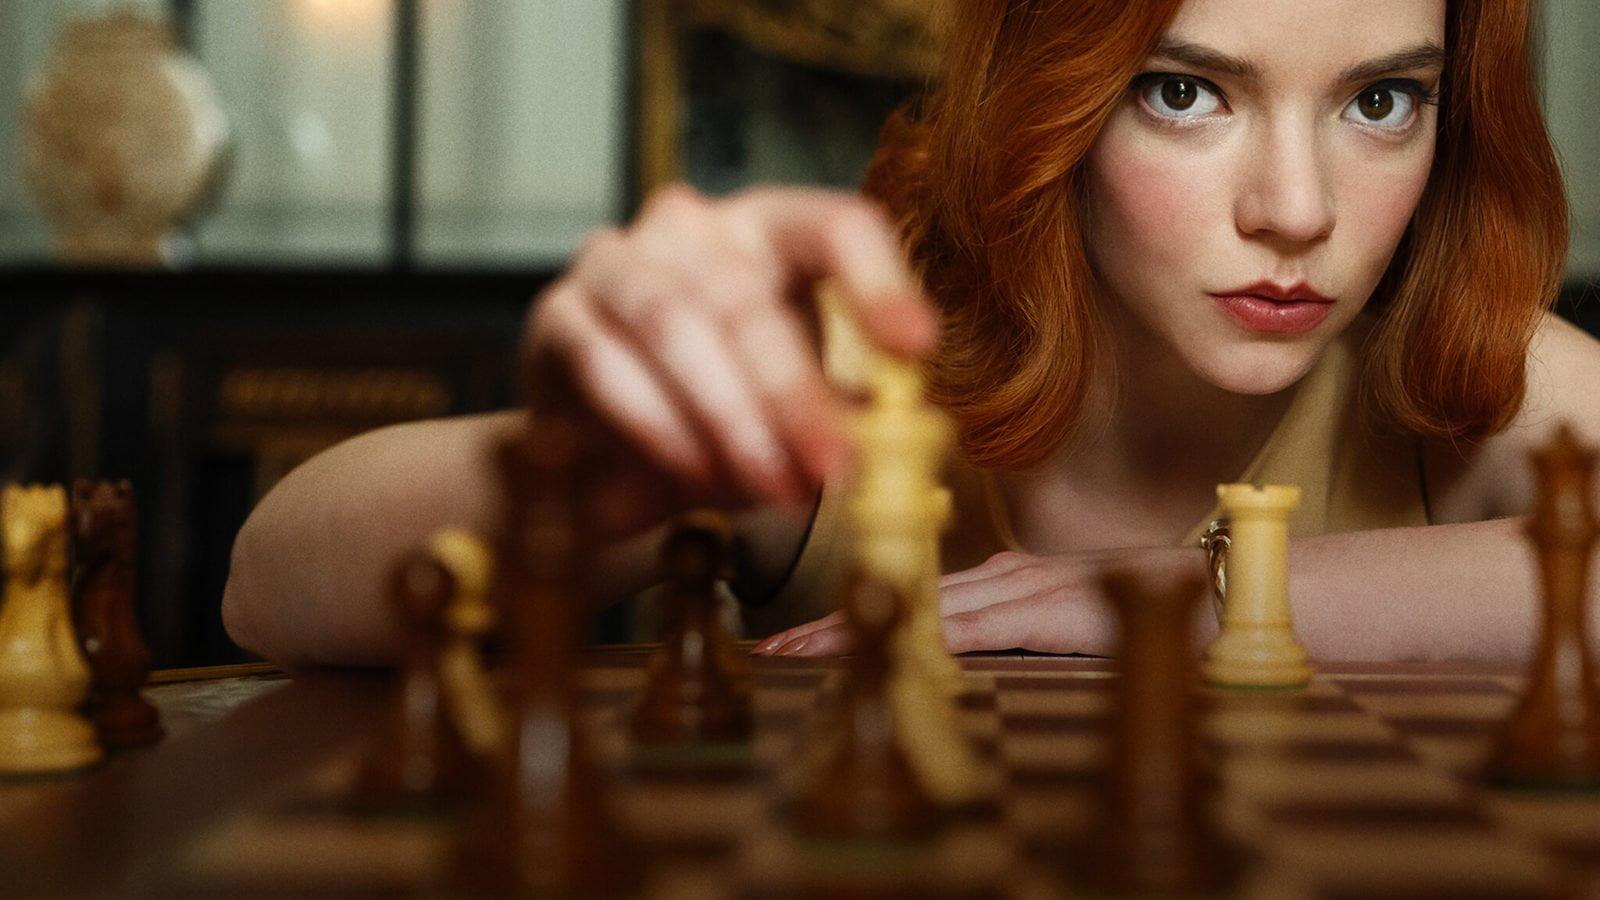 La Regina Degli Scacchi: Recensione E Spoiler 3 - Hynerd.it